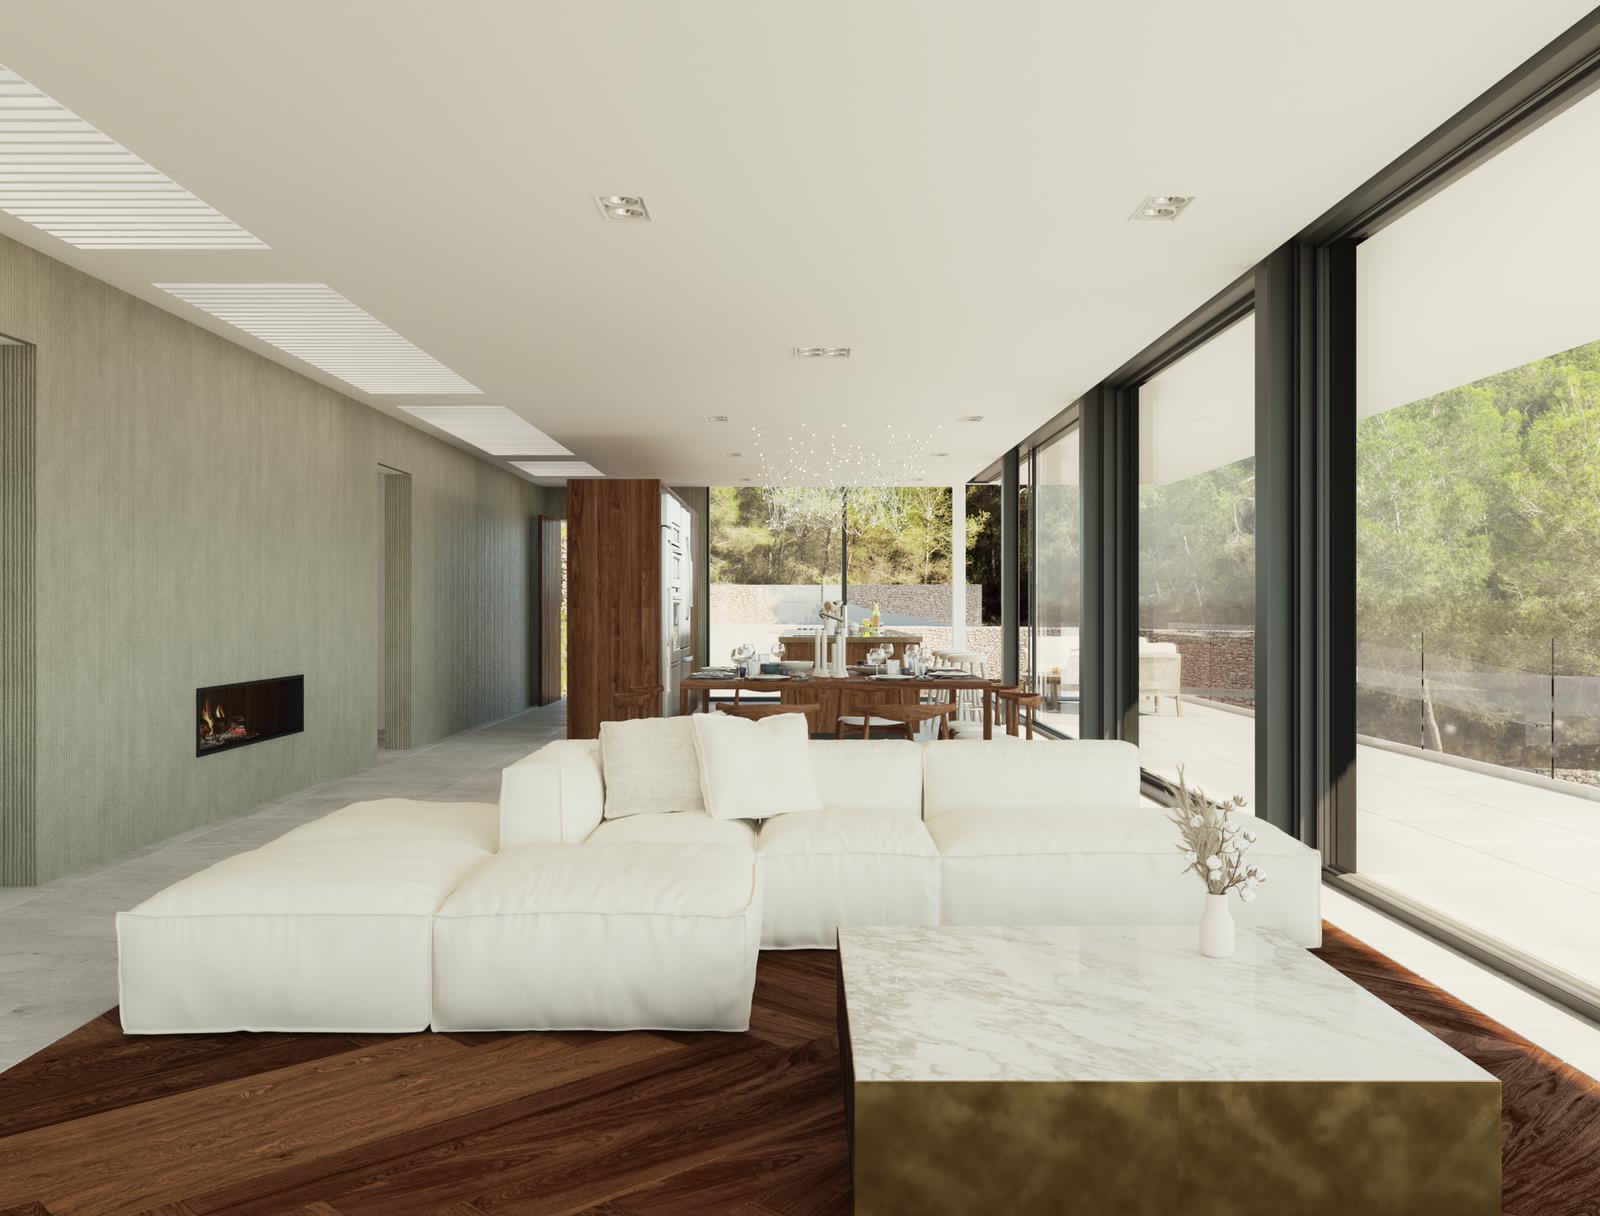 Geweldige plot met een fantastisch uitzicht advertentie met licentie om een villa te bouwen